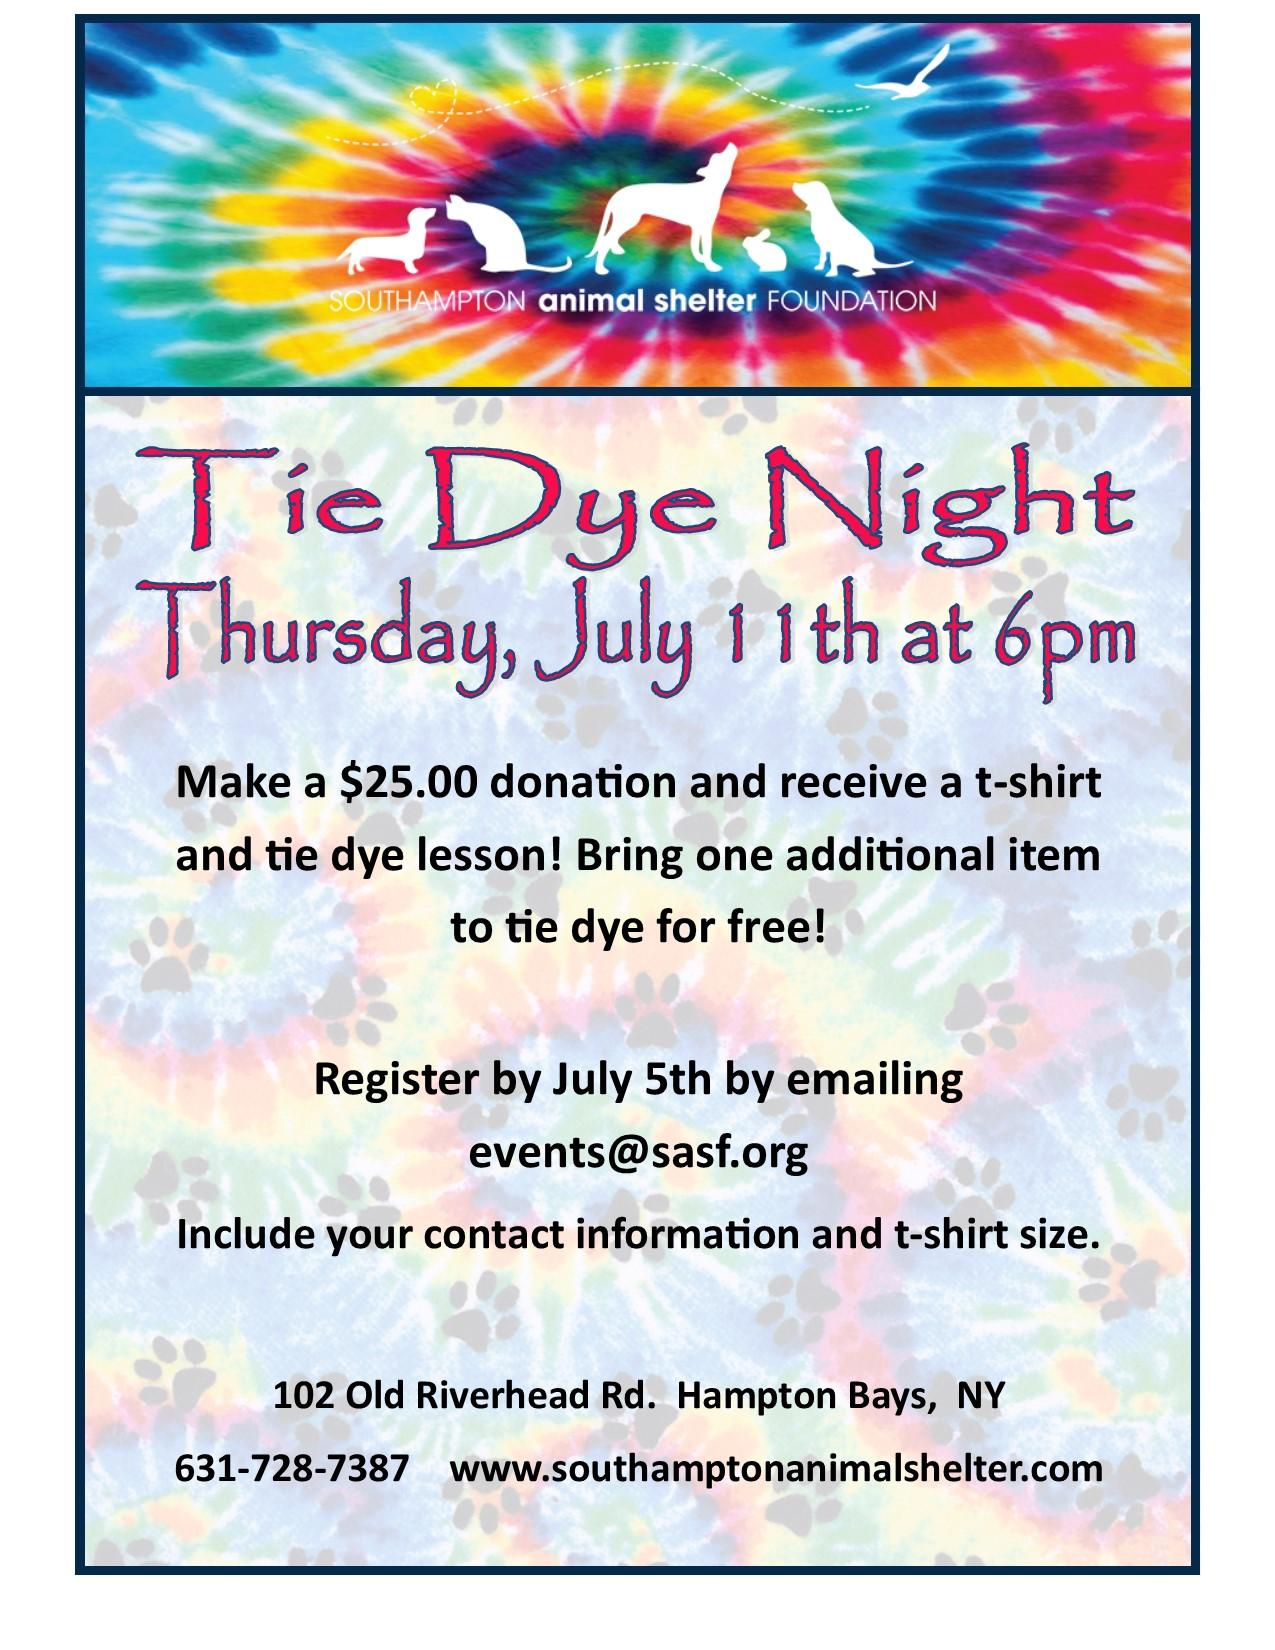 Tie Dye Night